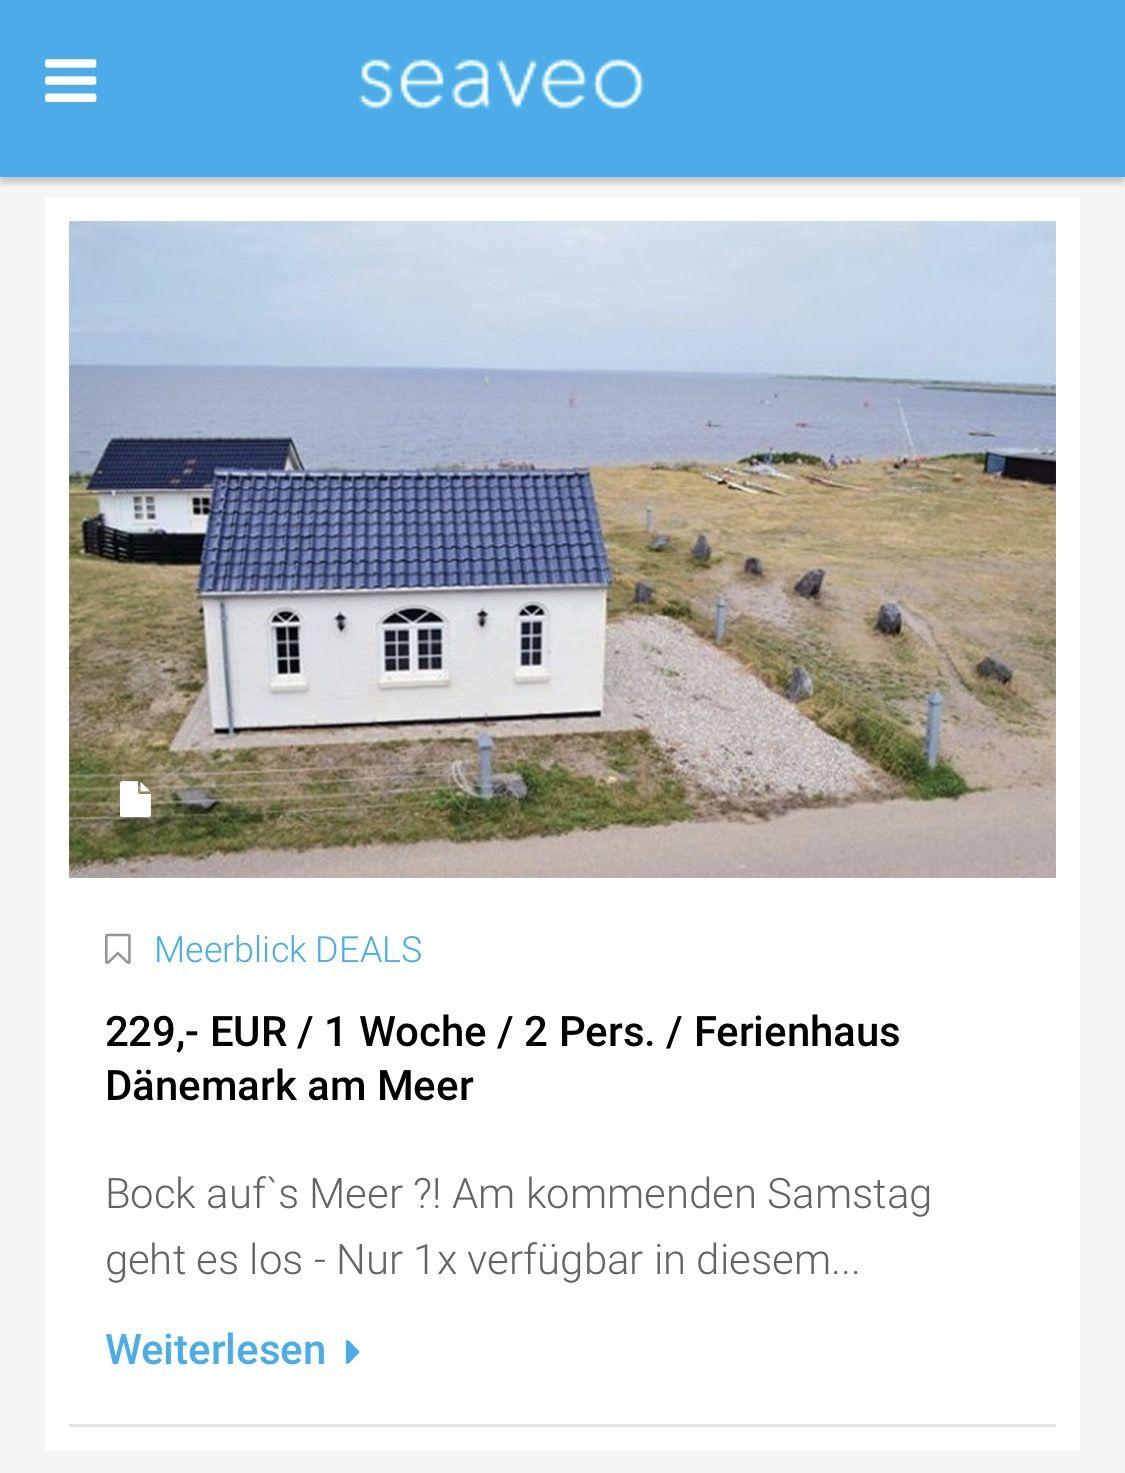 Meerblick Deal 229 Fur 1 Woche Im Ferienhaus Danemark Fur 2 Personen Direkt Am Meer Meerblick Meer Urlaubsrei Ferienhaus Danemark Ferienhaus Ferien